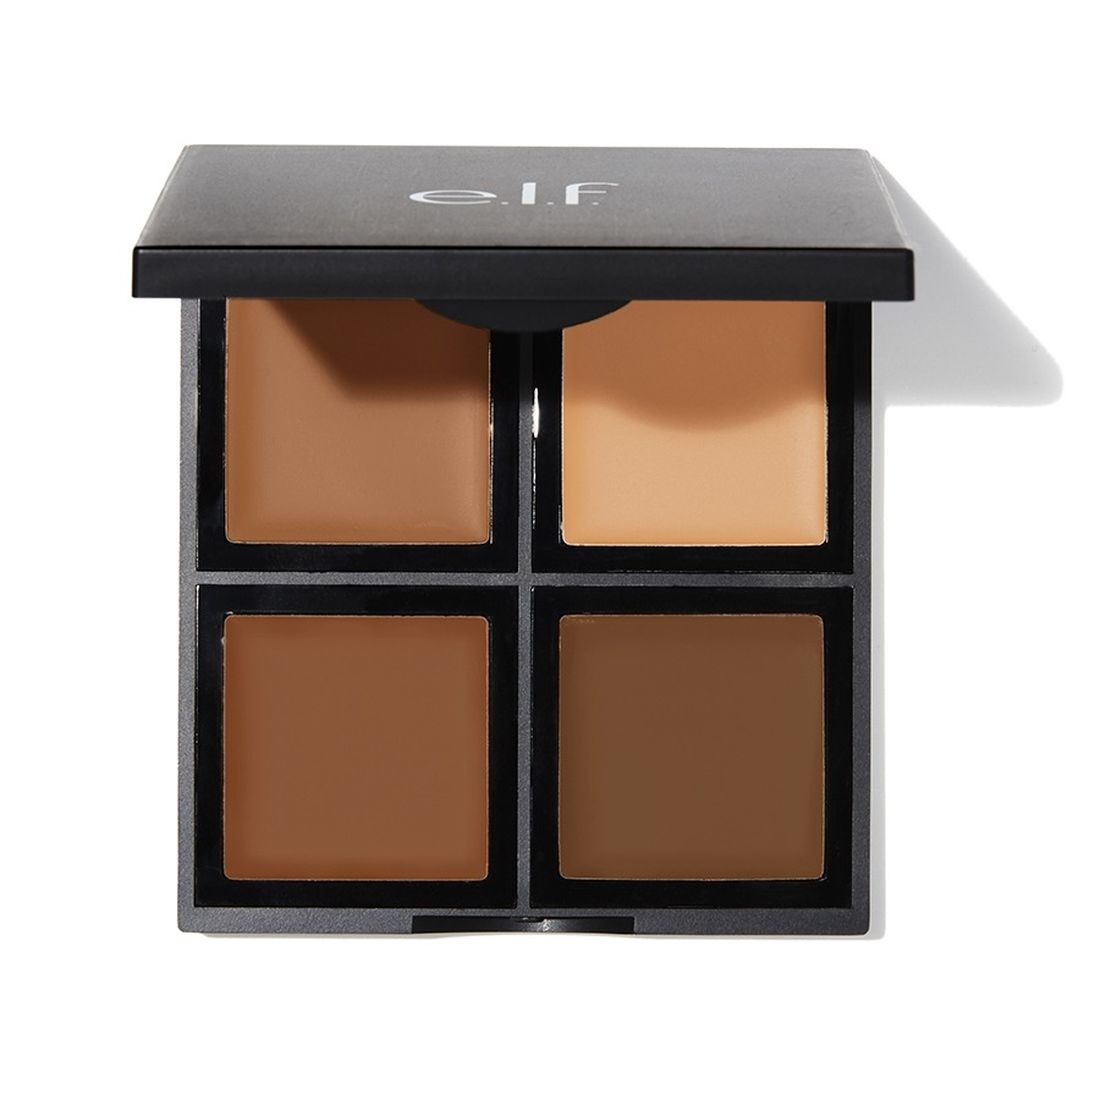 e.l.f. Cosmetics Foundation Palette